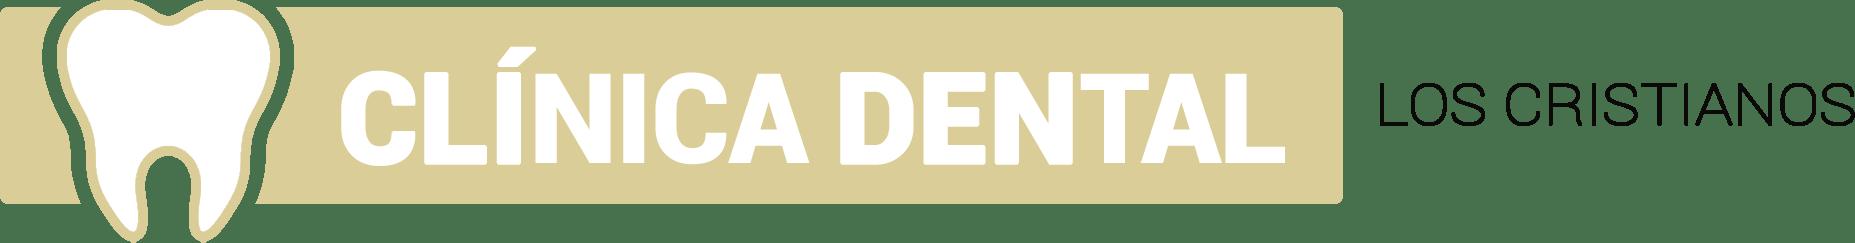 Clínica Dental Los Cristianos